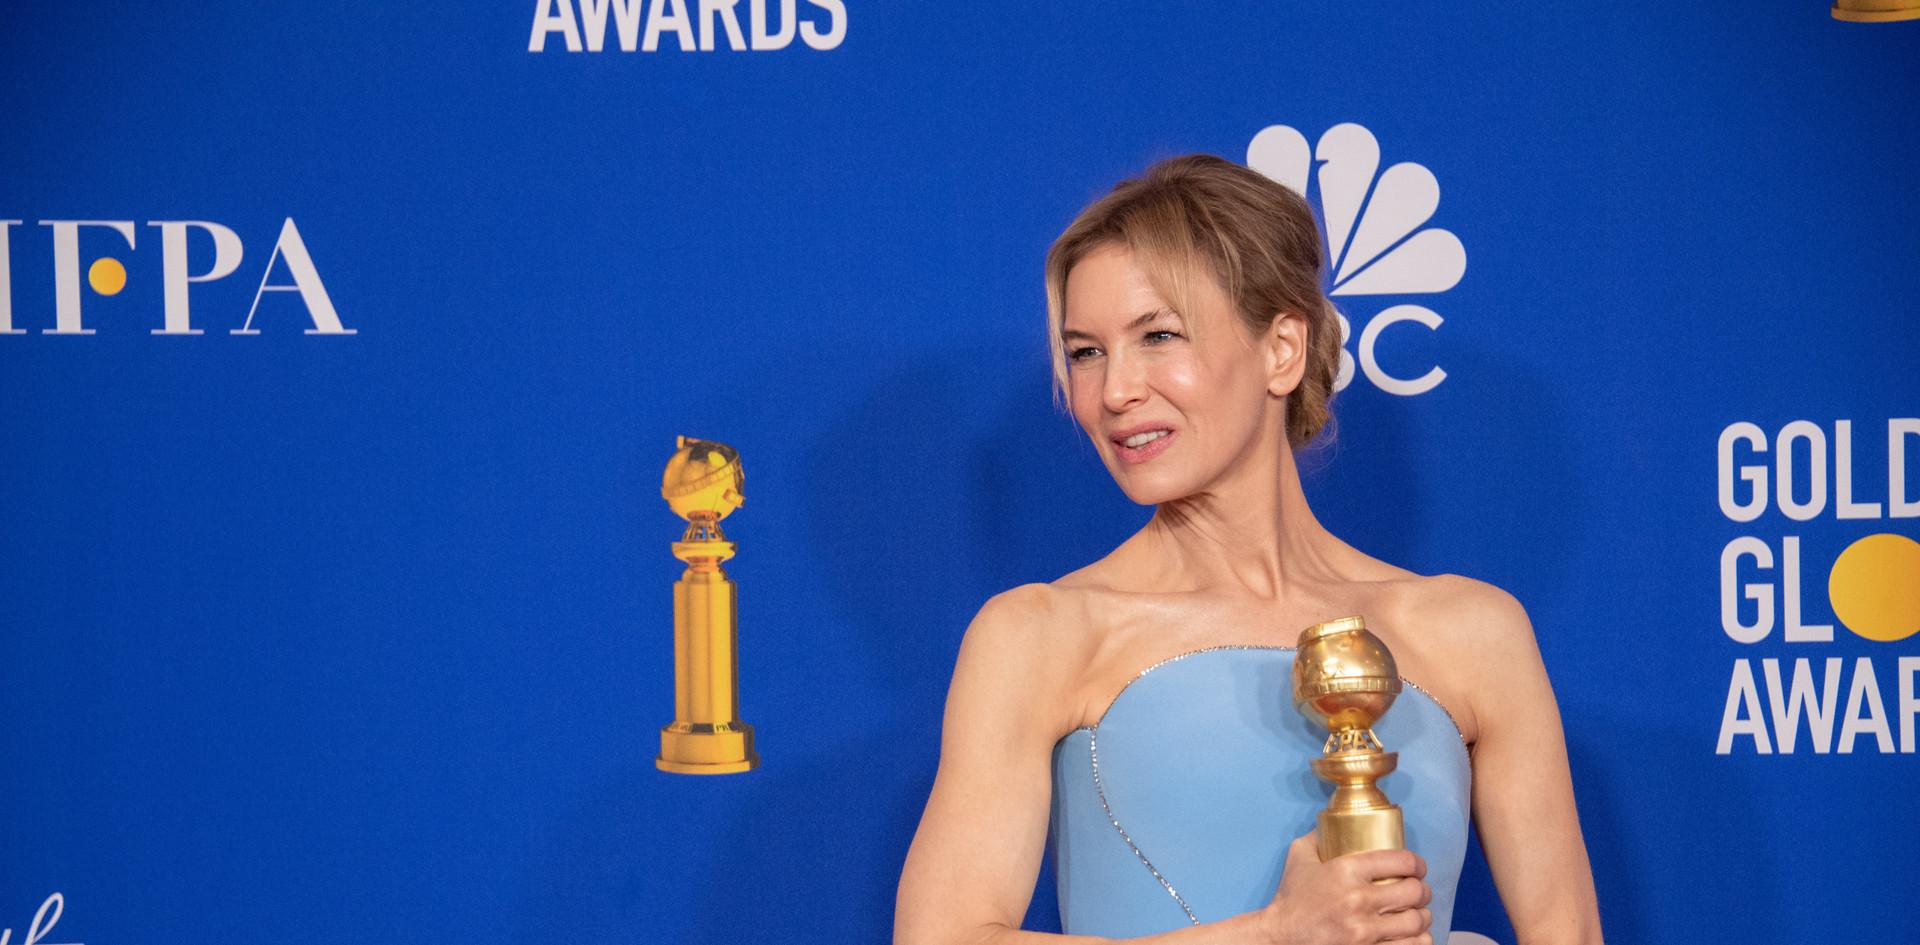 """A actriz Renée Zellweger com o Golden Globe, como Melhor Actriz – Drama pelo seu desempenho no Filme: """"Judy,"""" na Sala de Imprensa do 77th Annual Golden Globes Awards no Beverly Hilton em Beverly Hills, CA. Fotografia: HFPA Photographer."""